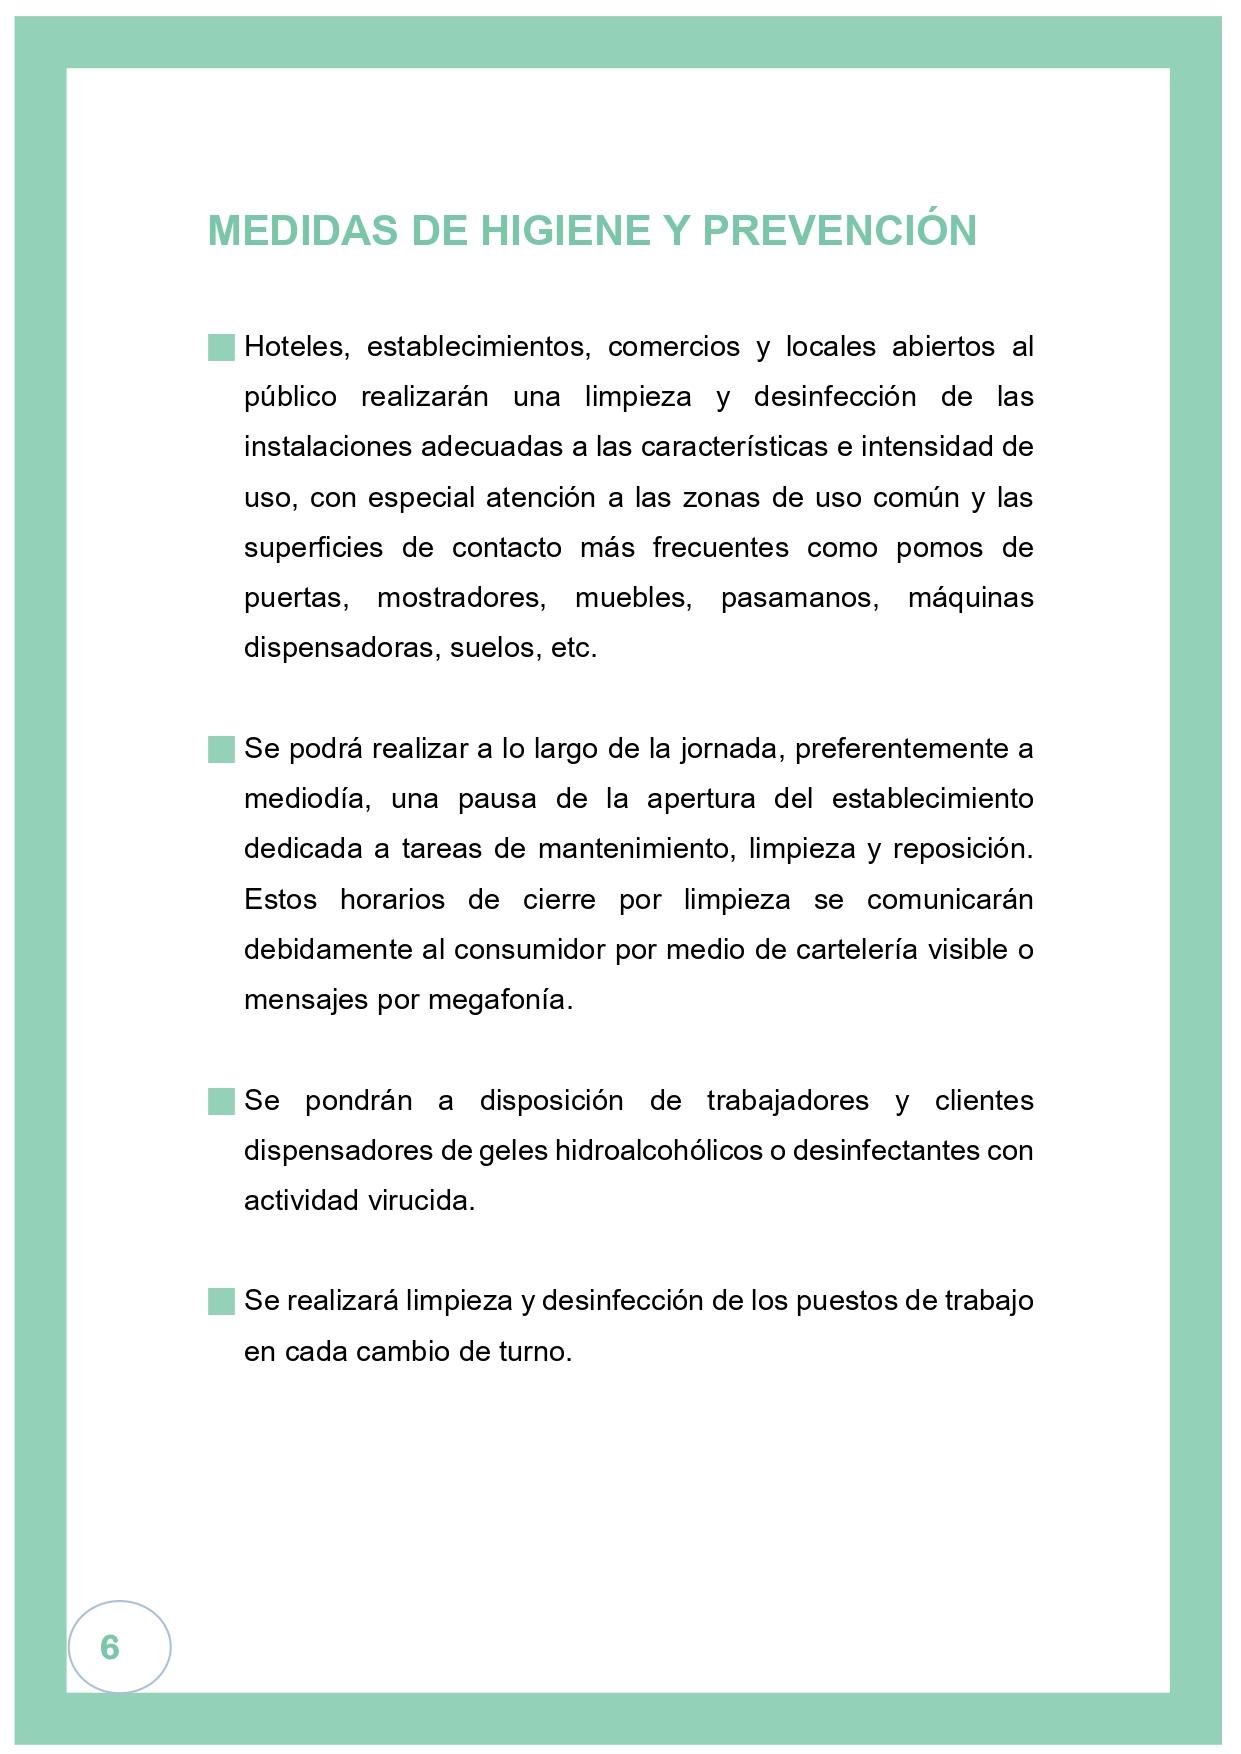 El gobierno oficializa que el Bierzo y Laciana pasan a la fase 2 el lunes 1 de junio 9